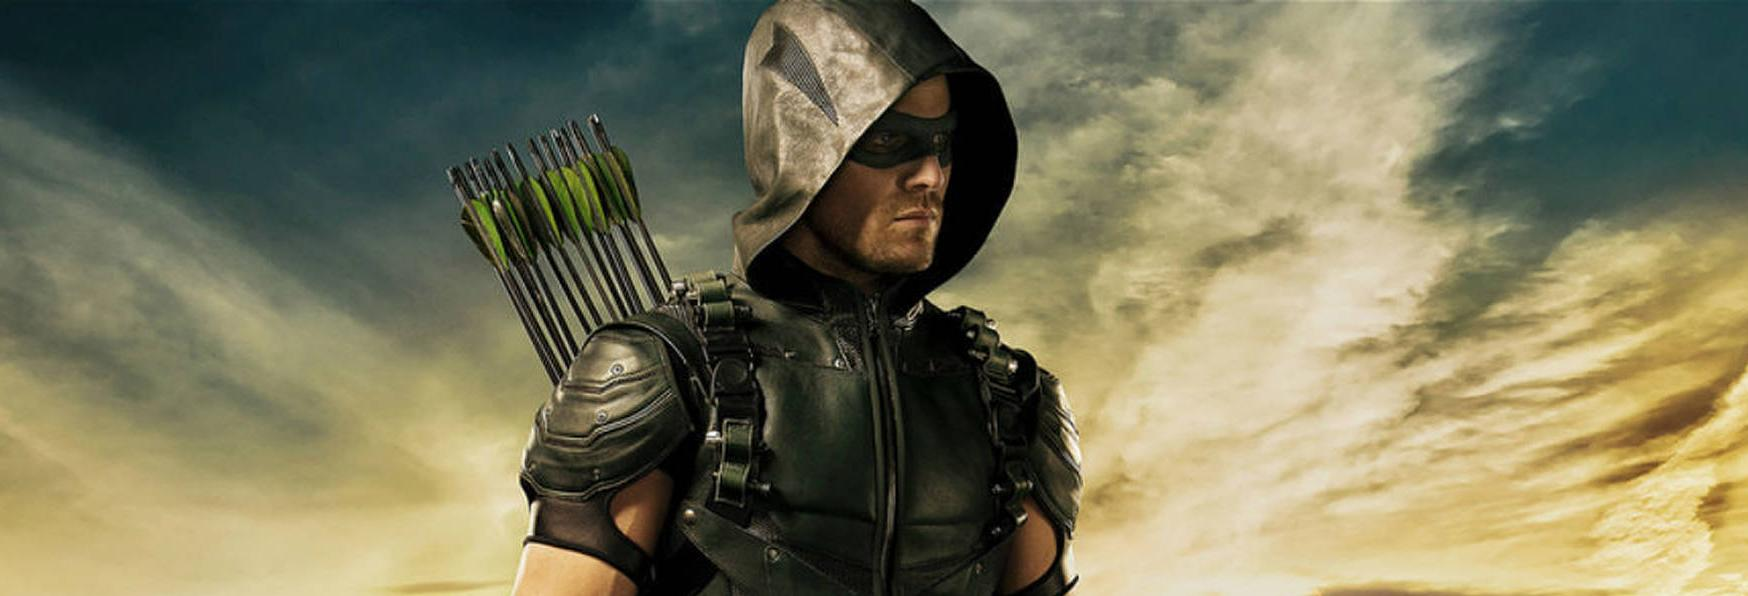 Arrow: conosciamo finalmente la Data di Uscita dell'Ultima Stagione